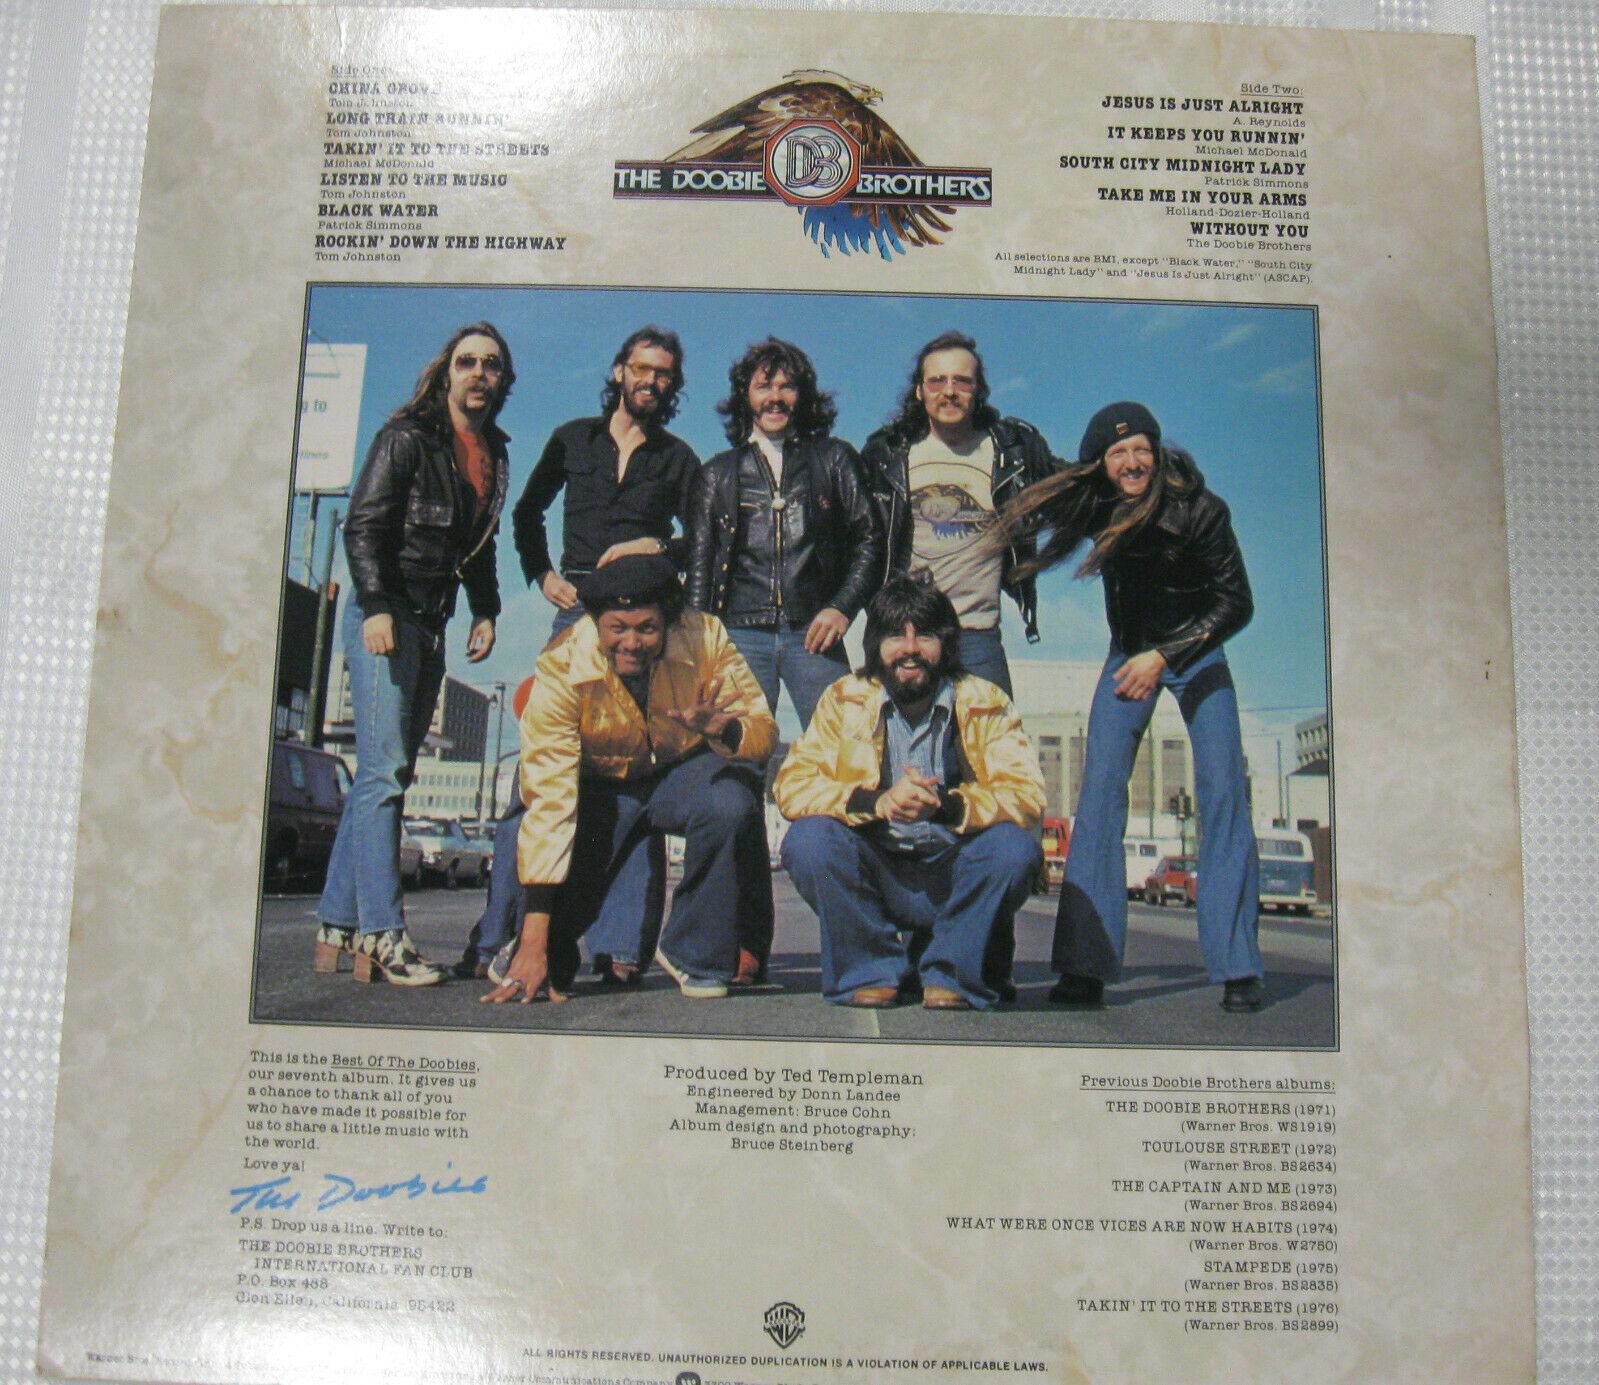 The Doobie Brothers Best Of Warner Bros BS 2978 Stereo Vinyl LP image 2